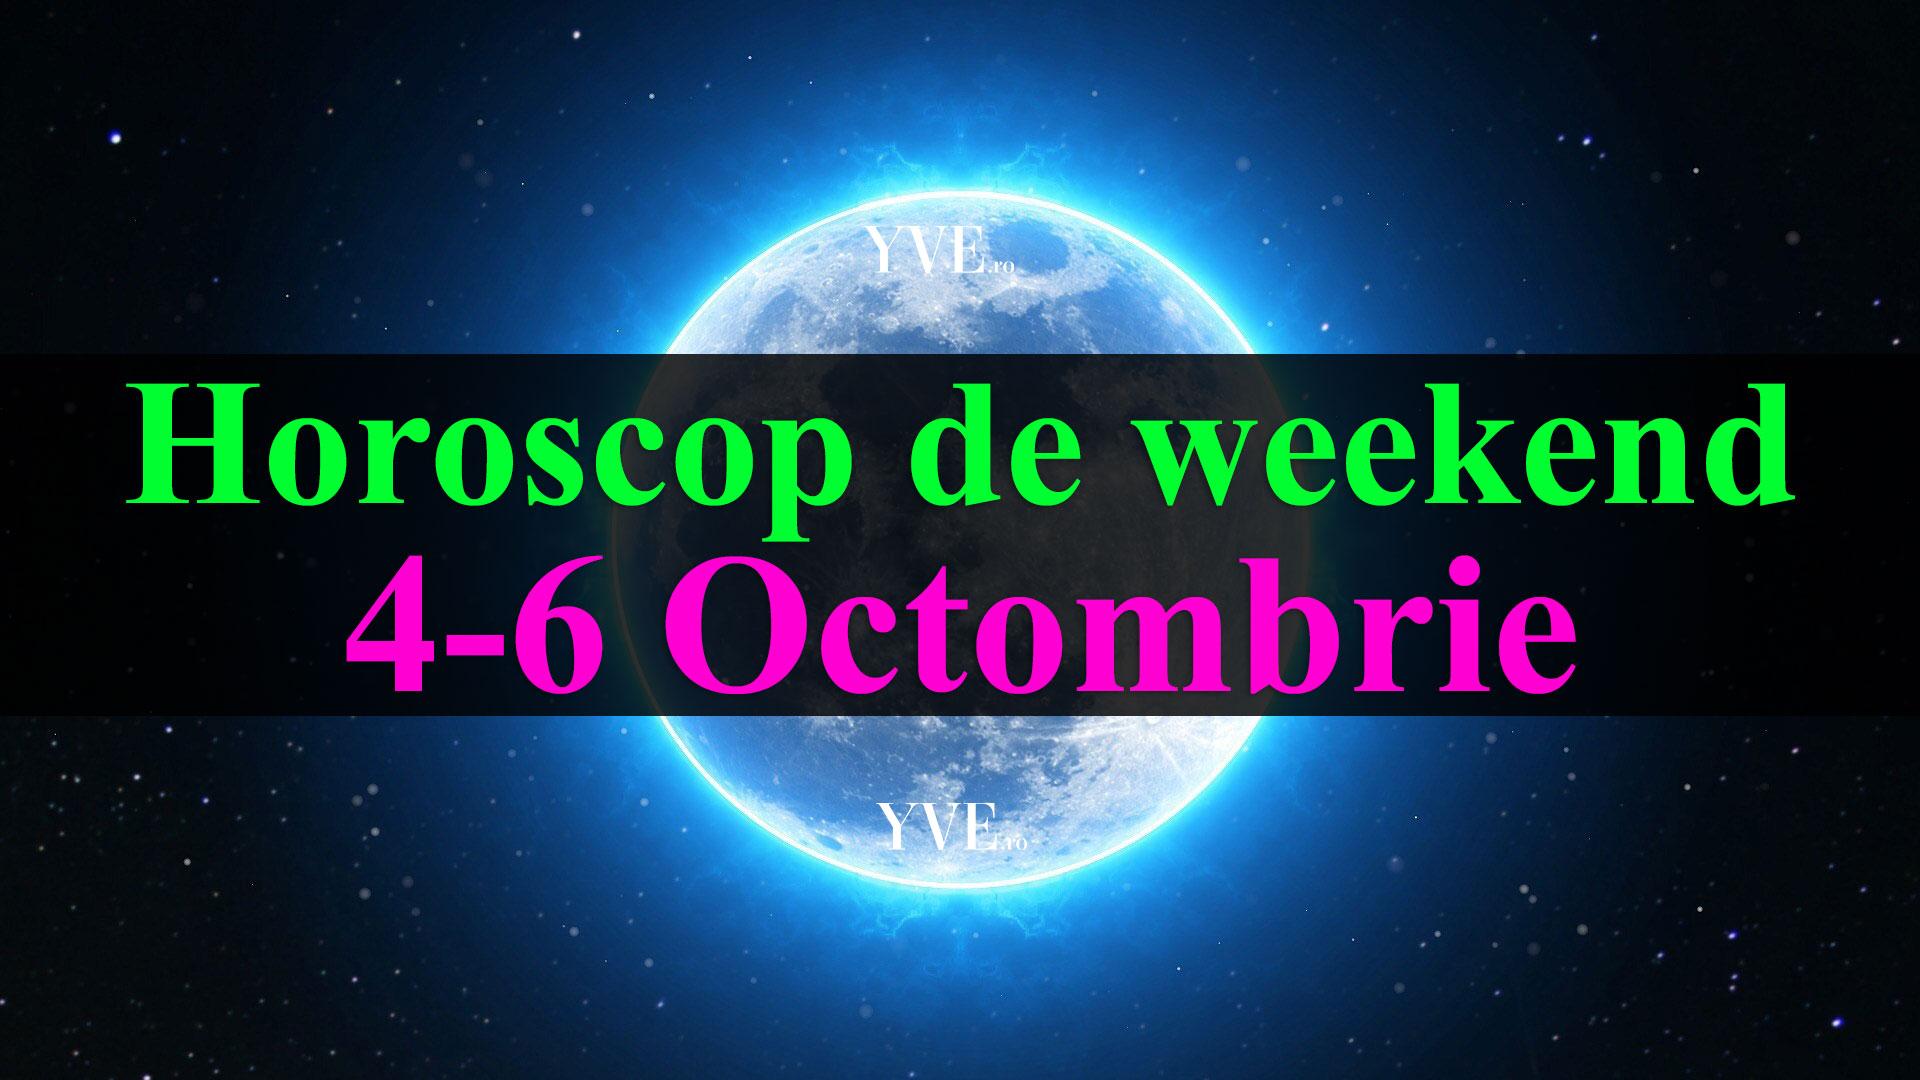 Horoscop de weekend 4-6 Octombrie 2019